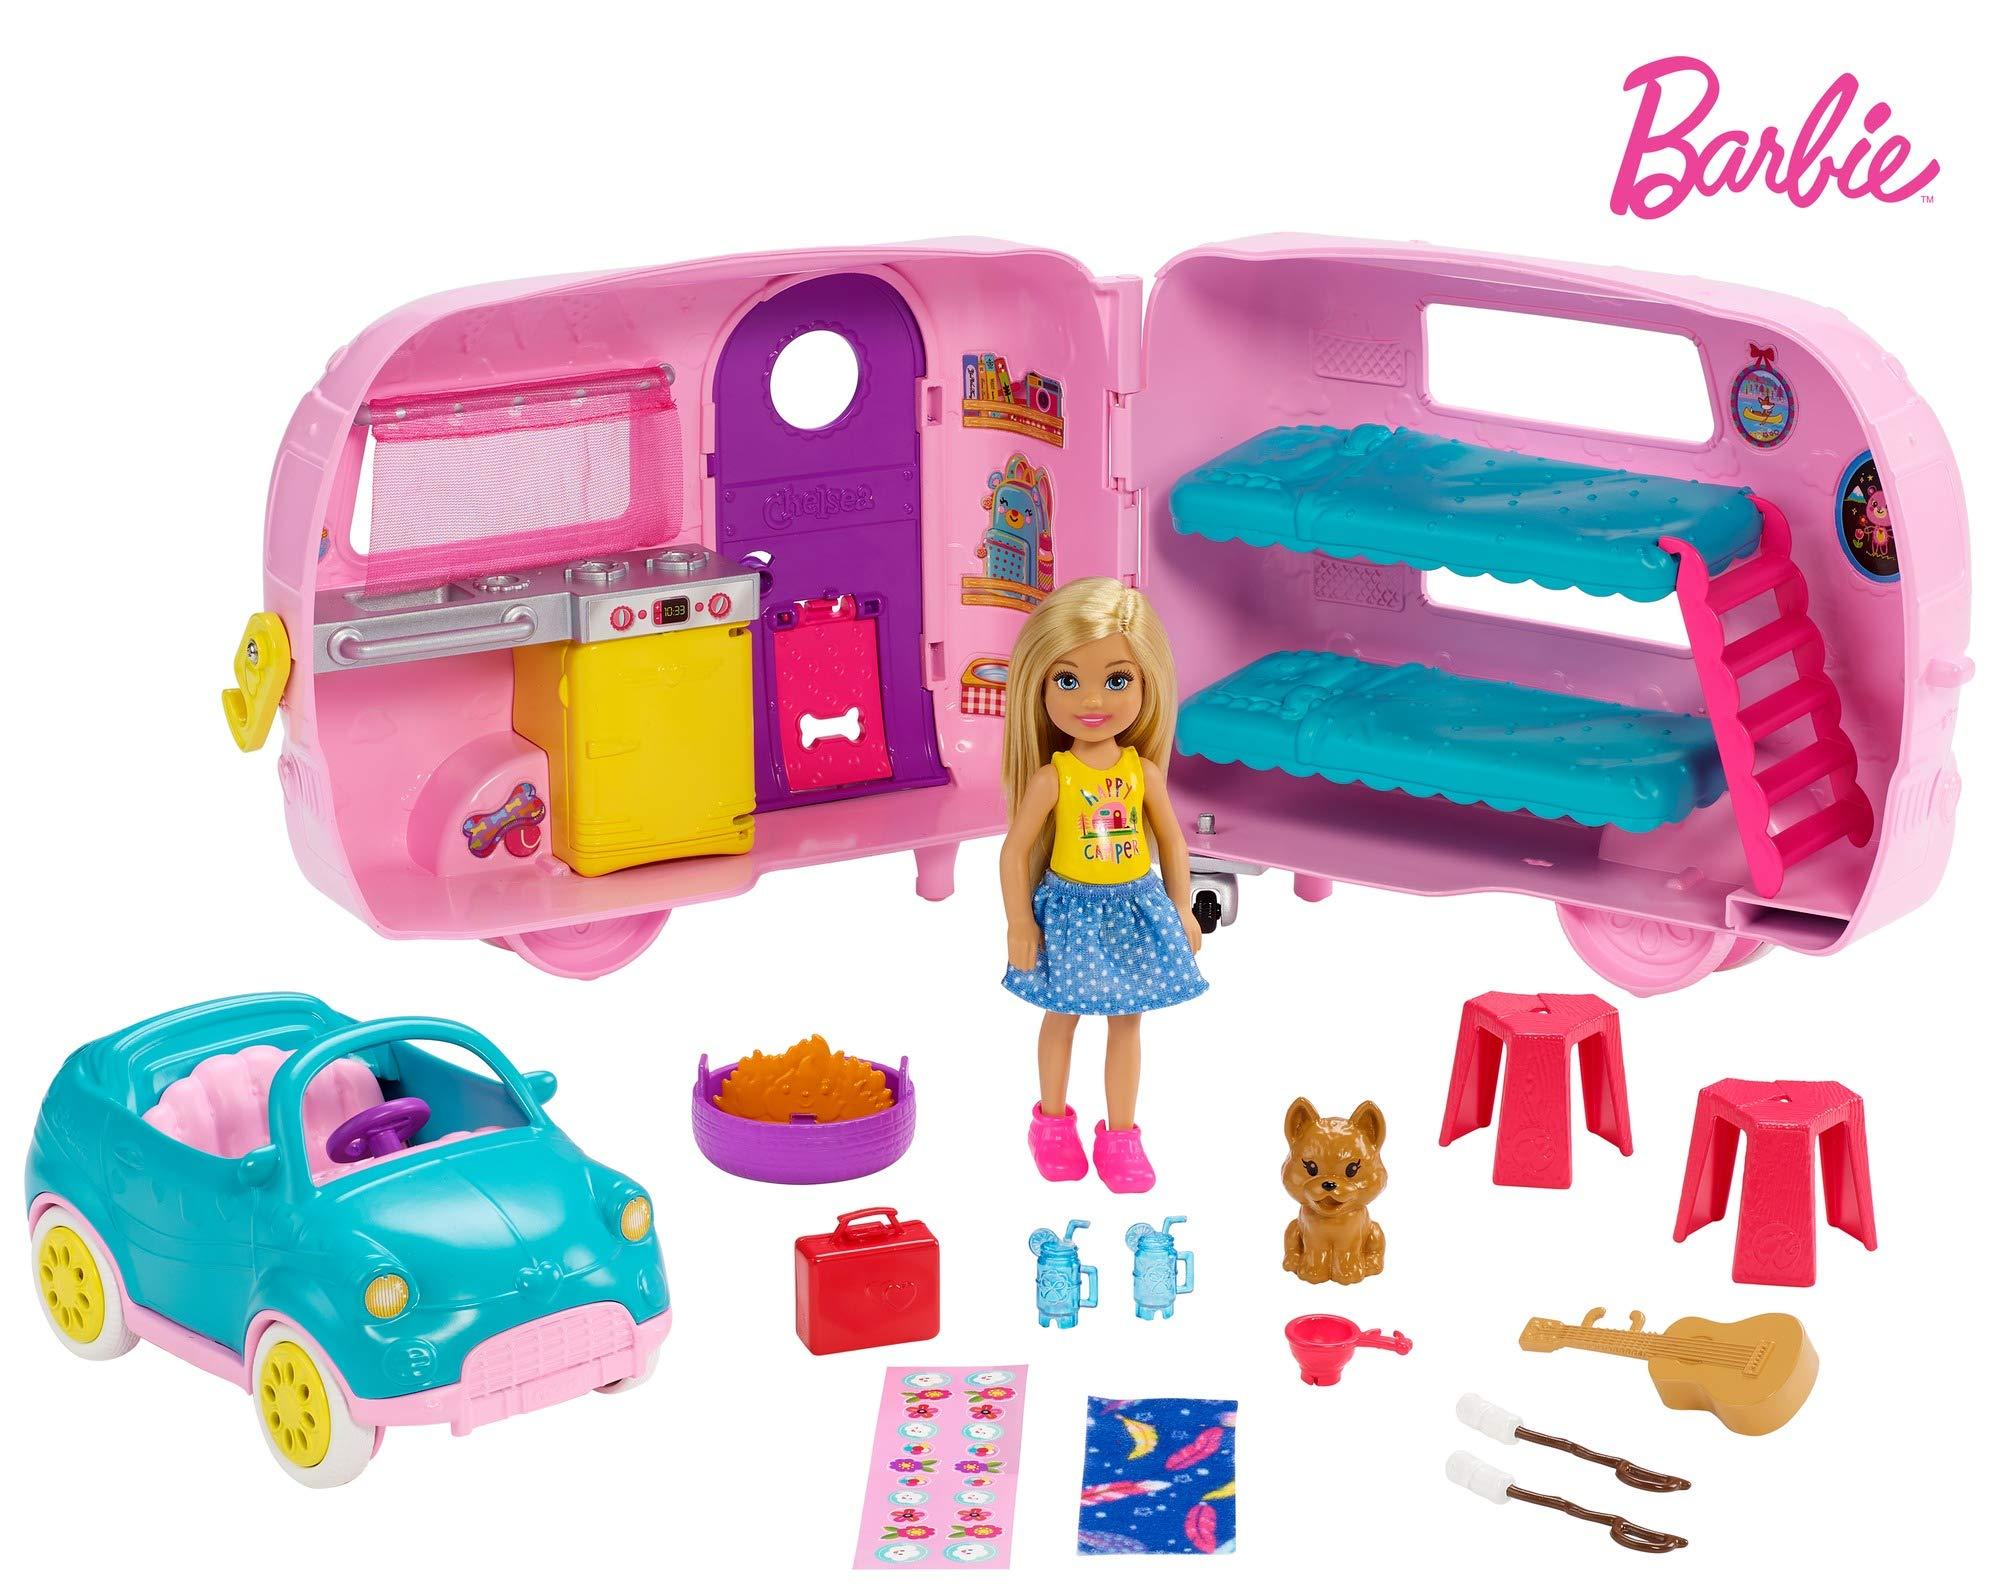 Barbie Club Chelsea Camper by Barbie